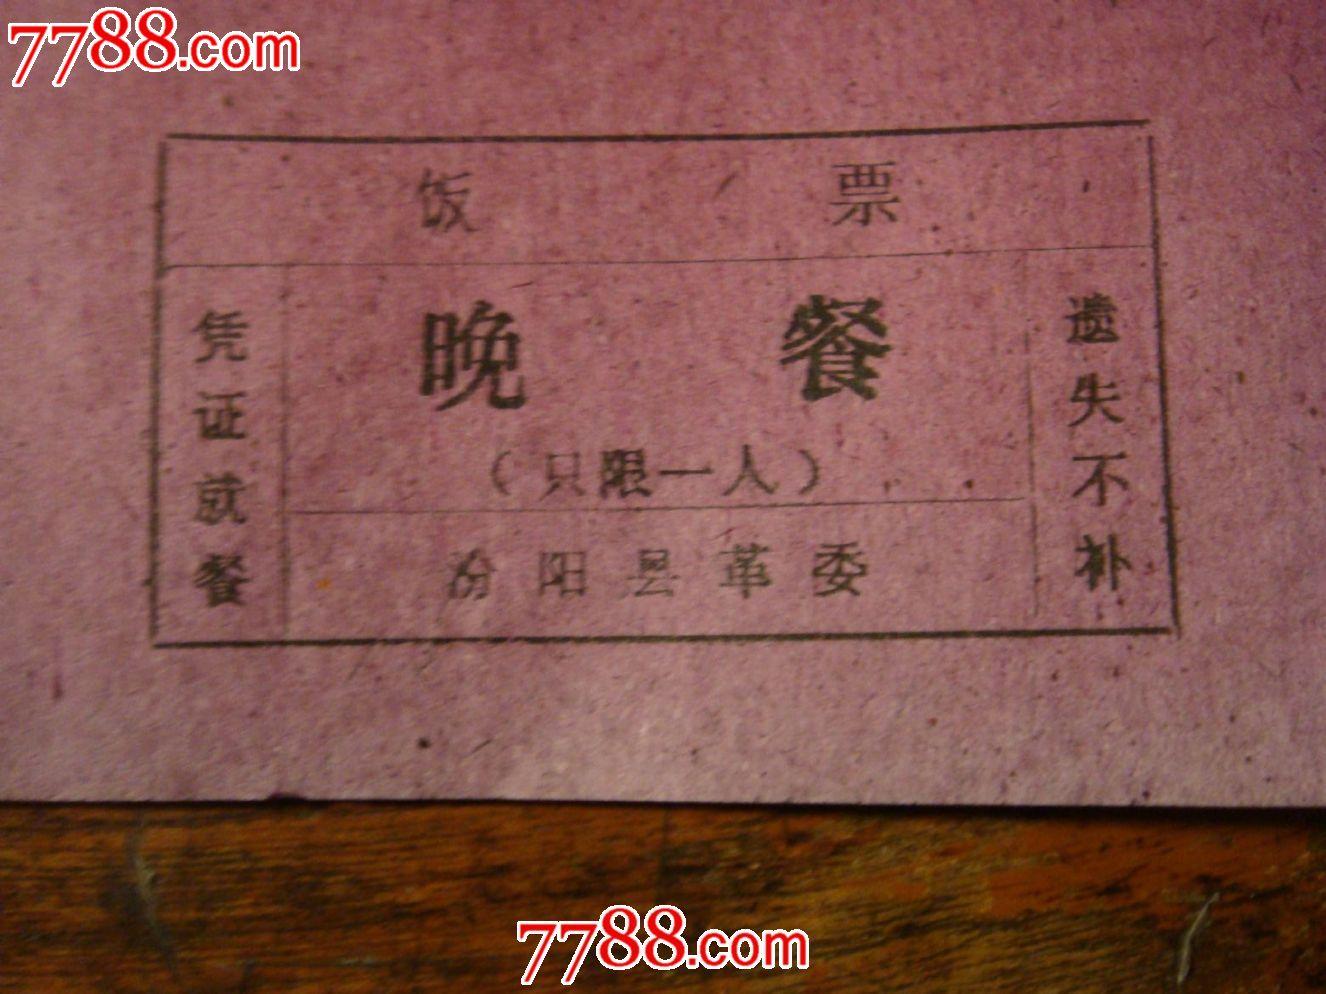 单位饭票背景模板